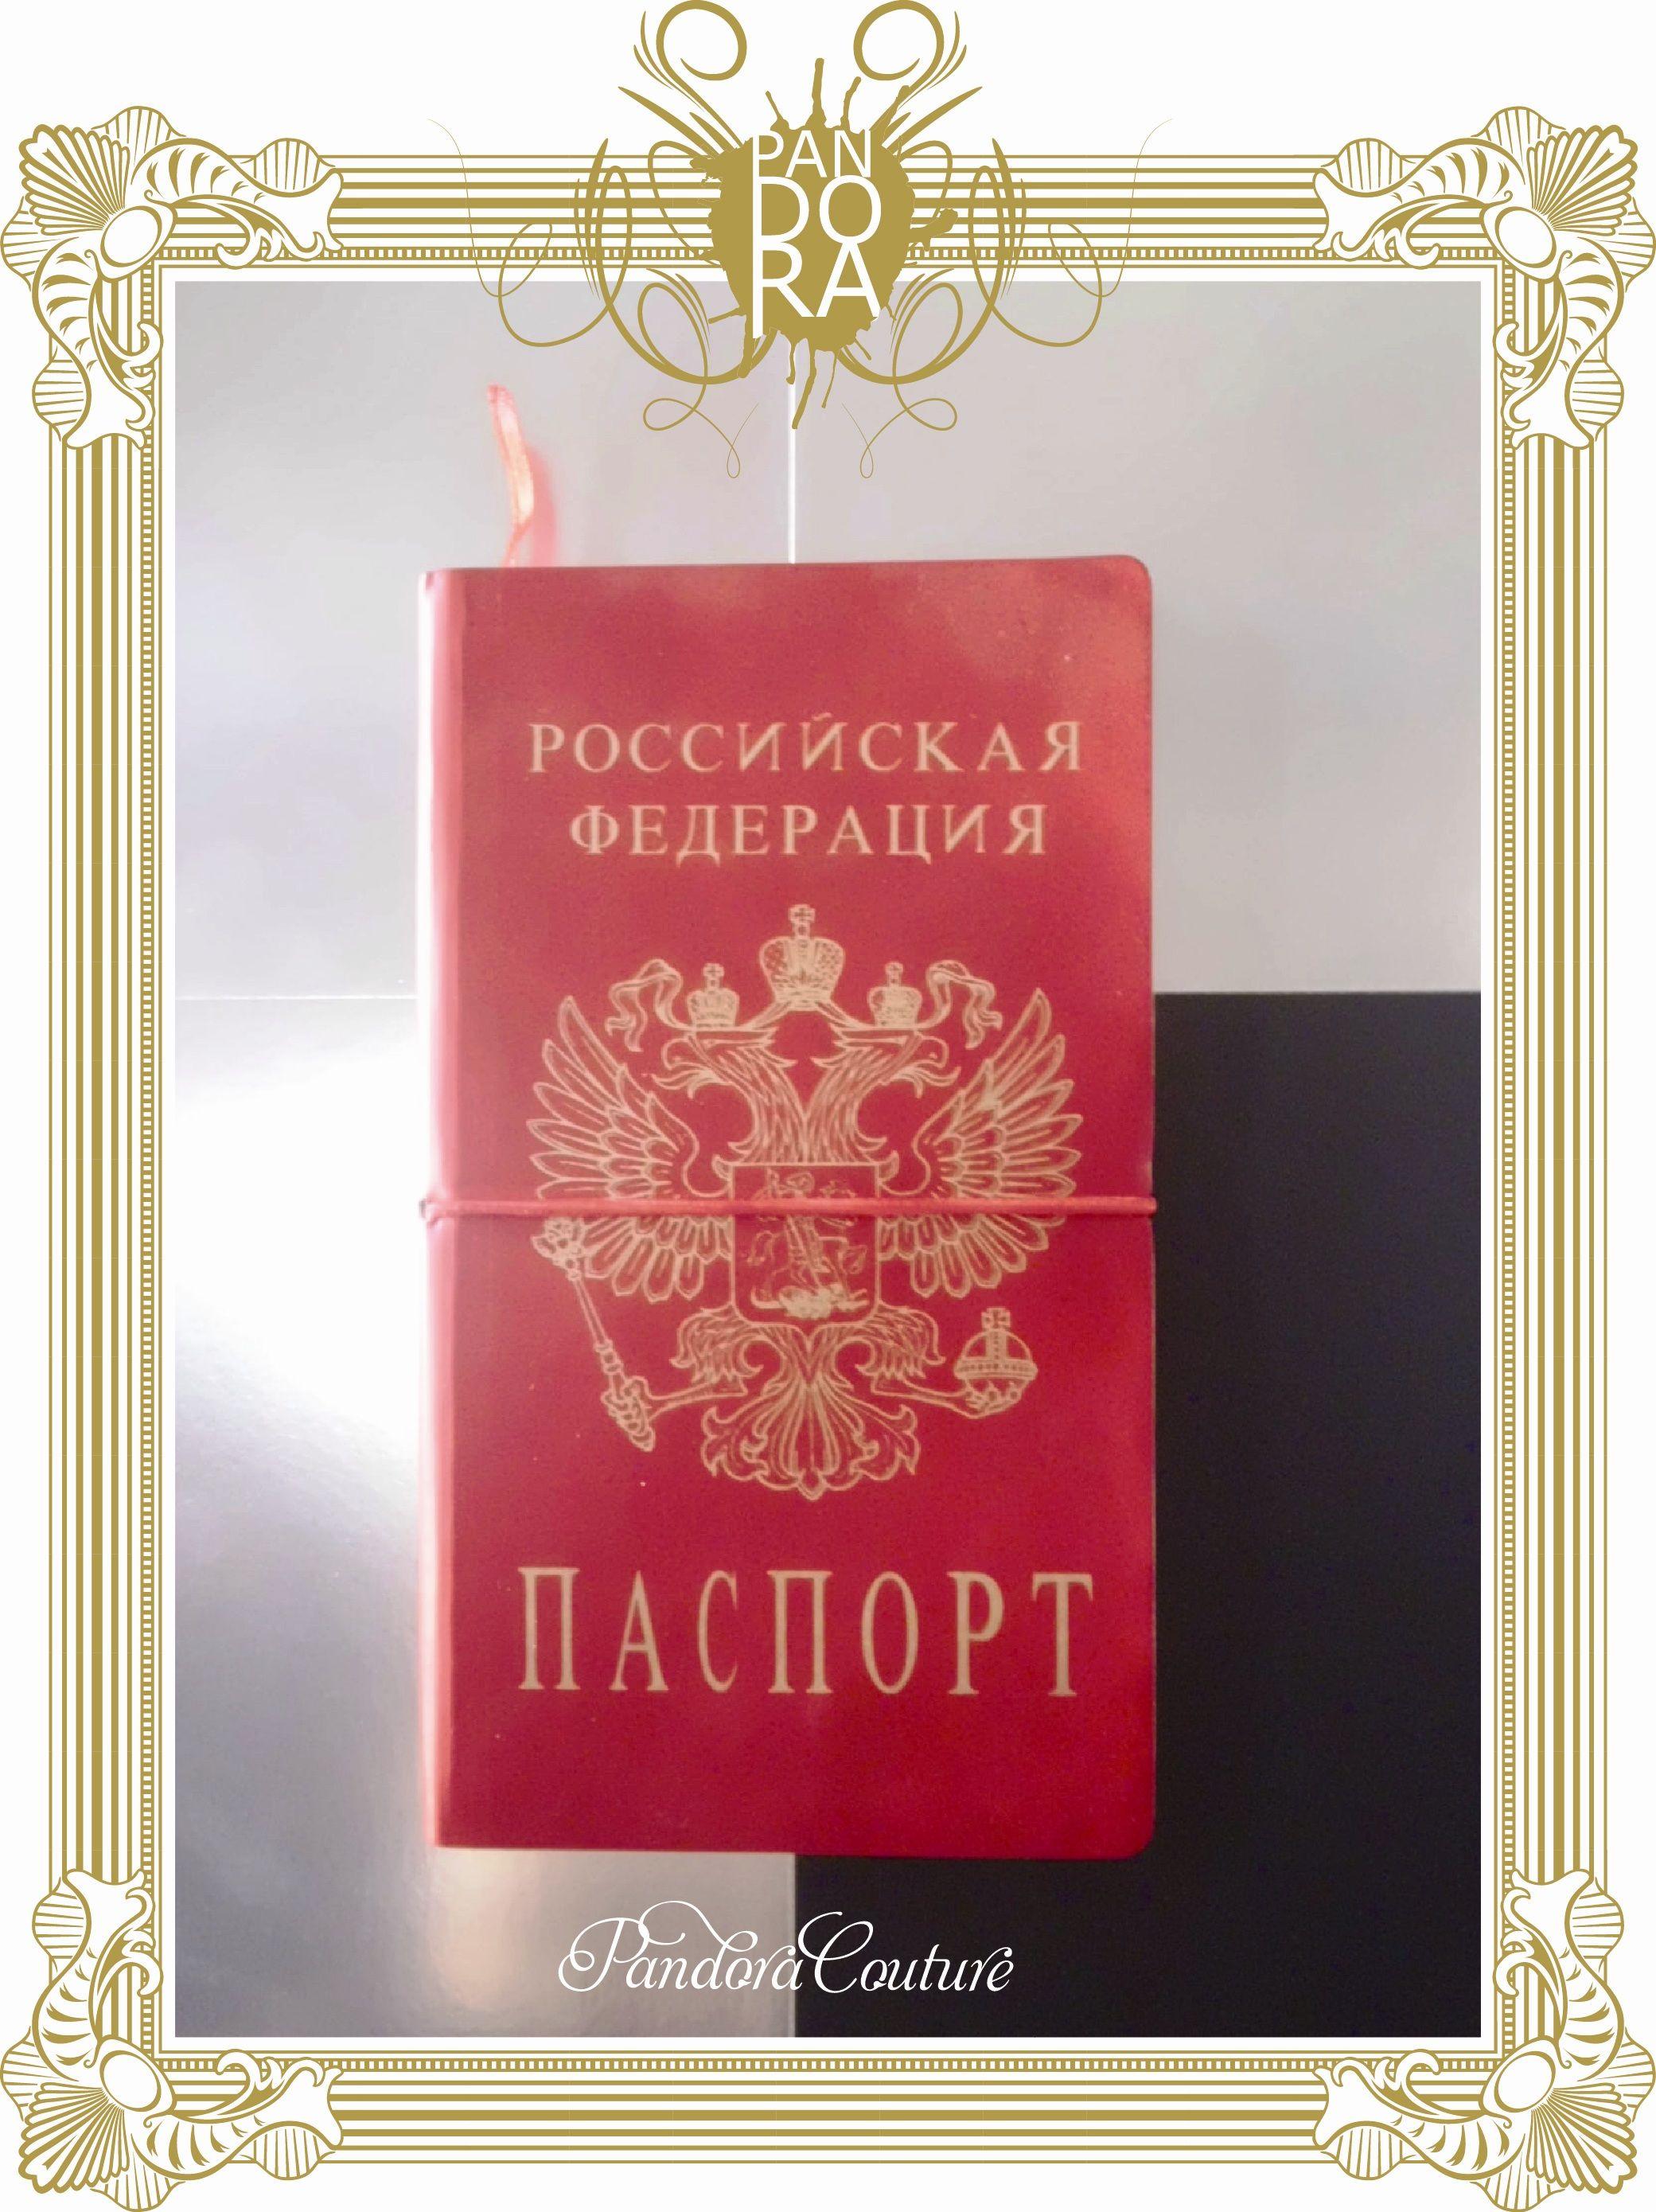 35 00  libreta roja en curpiel 8x15cm 70 hojas de raya